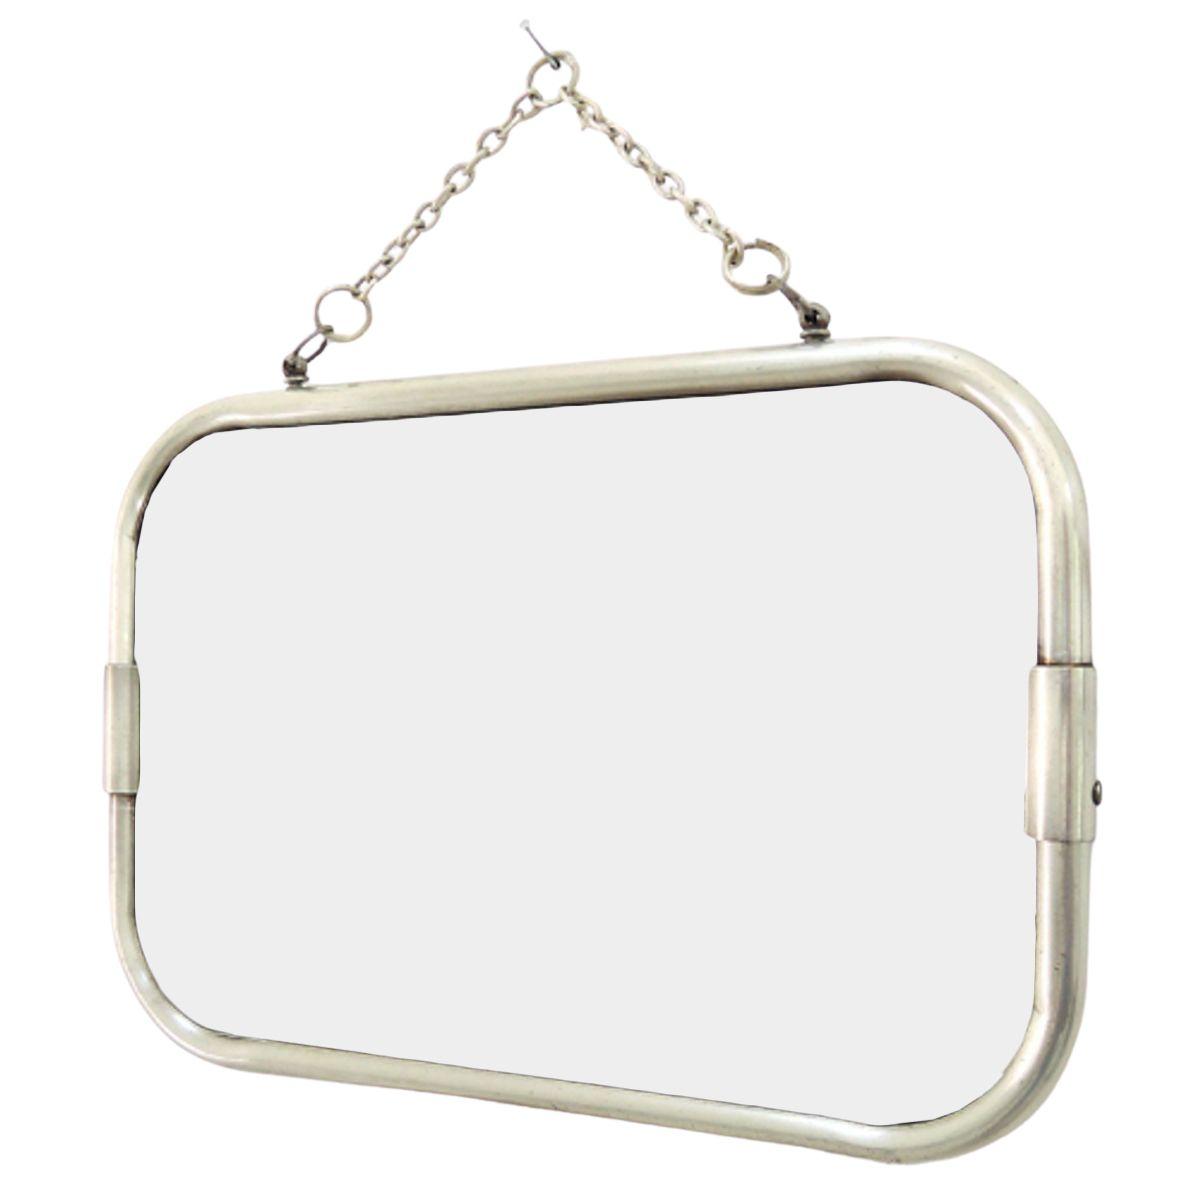 Miroir de barbier pm argent 20x29